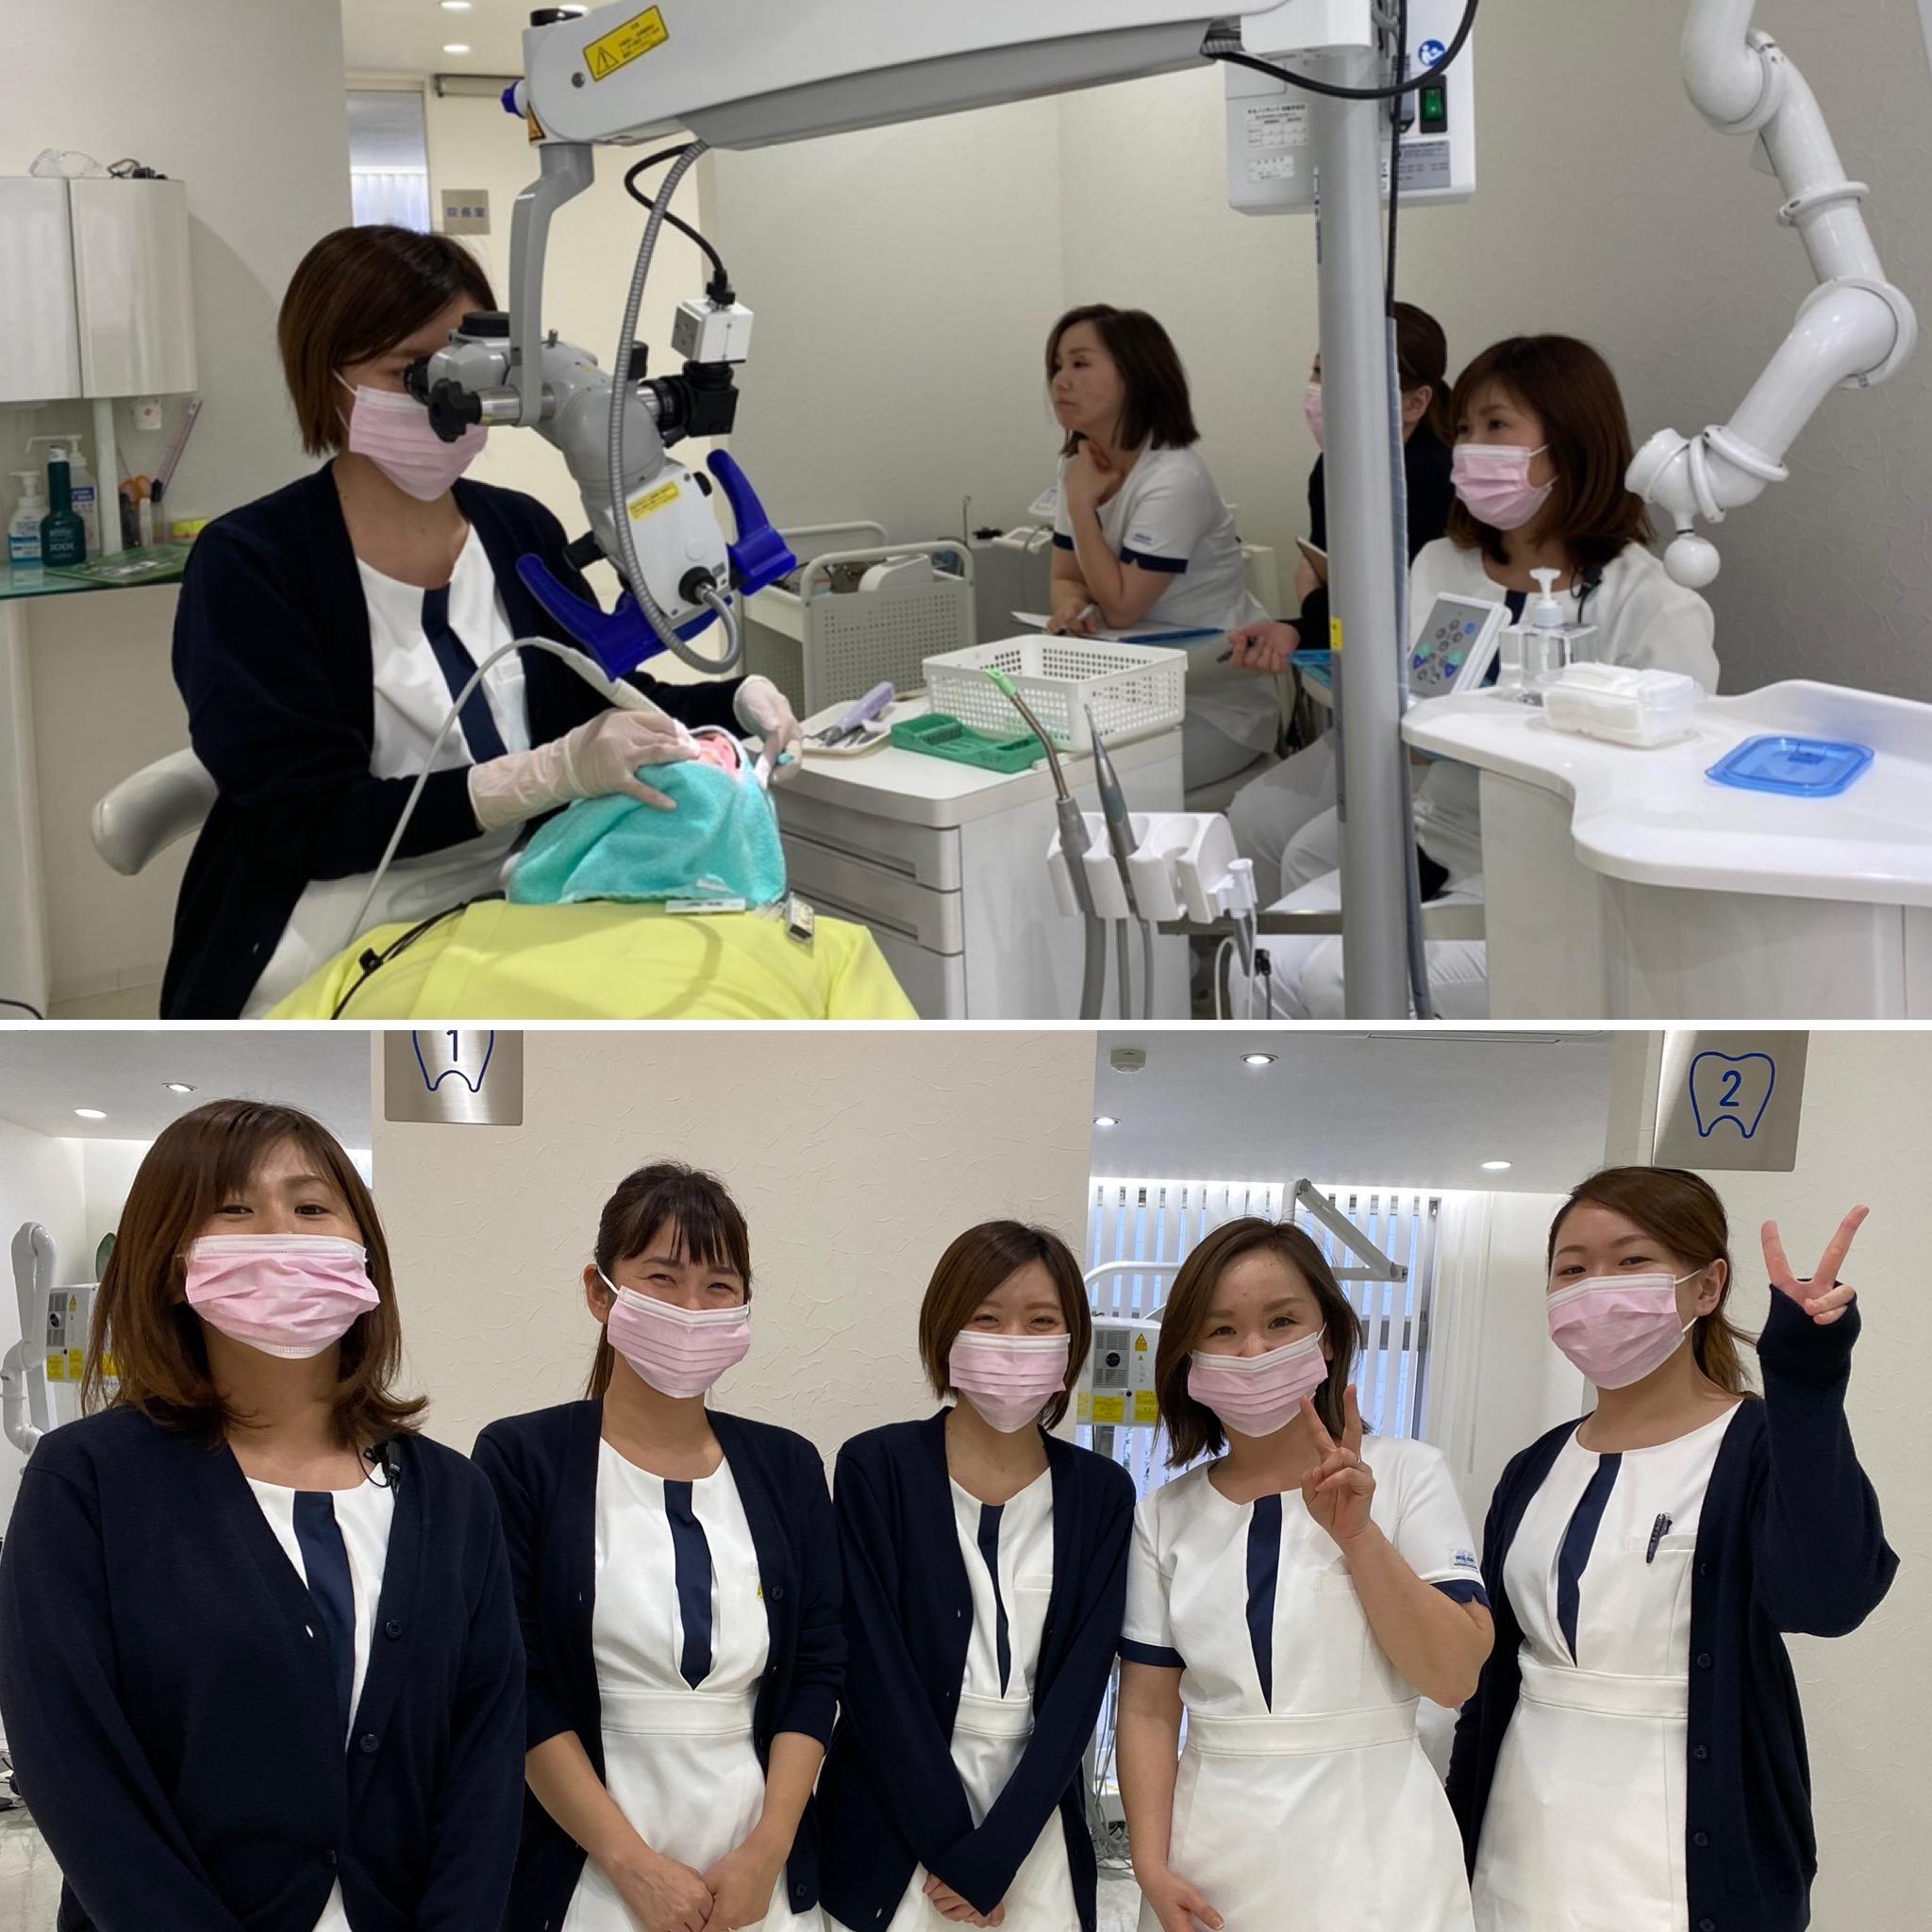 生月 歯医者 歯科衛生士 予防 手術用顕微鏡 マイクロスコープ 秋山先生 直視 2